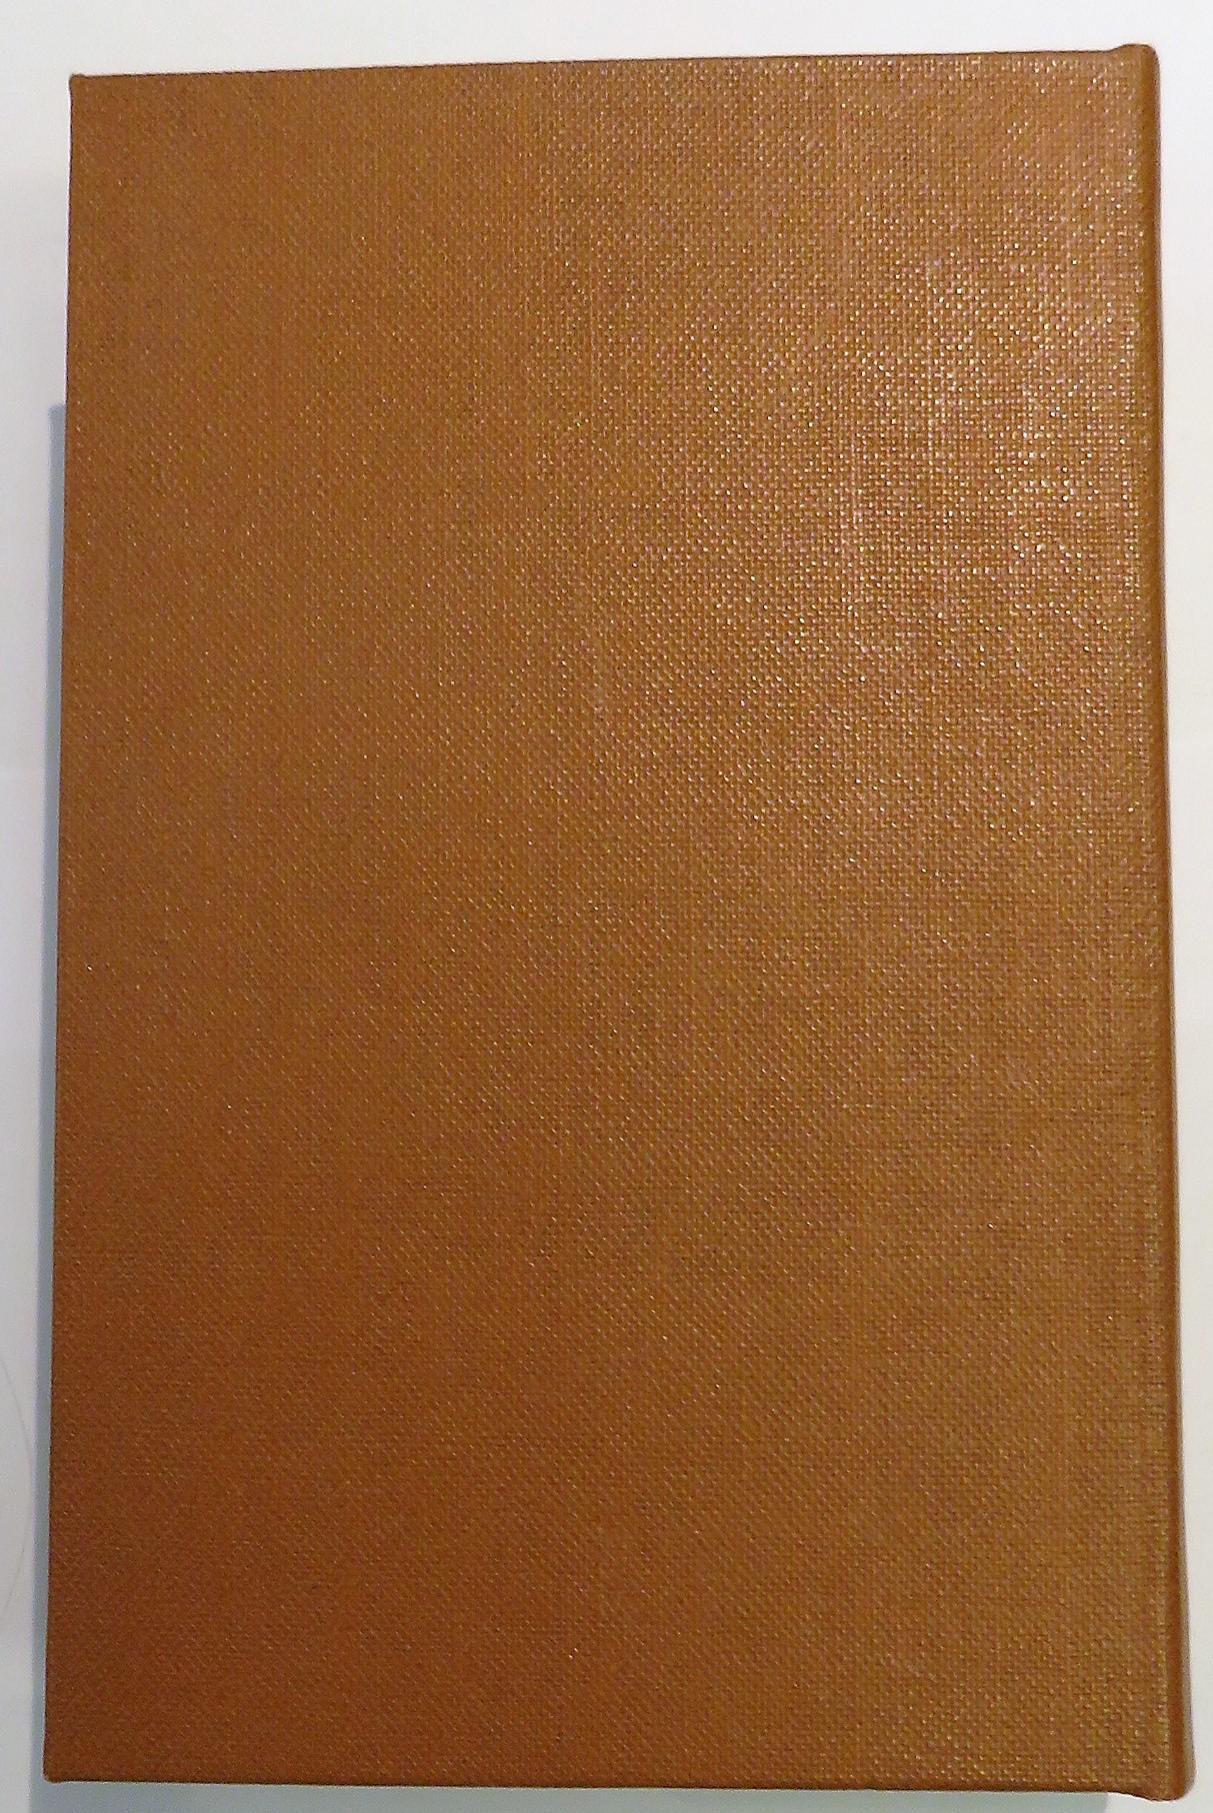 **Wisden Cricketers' Almanack for 1932**